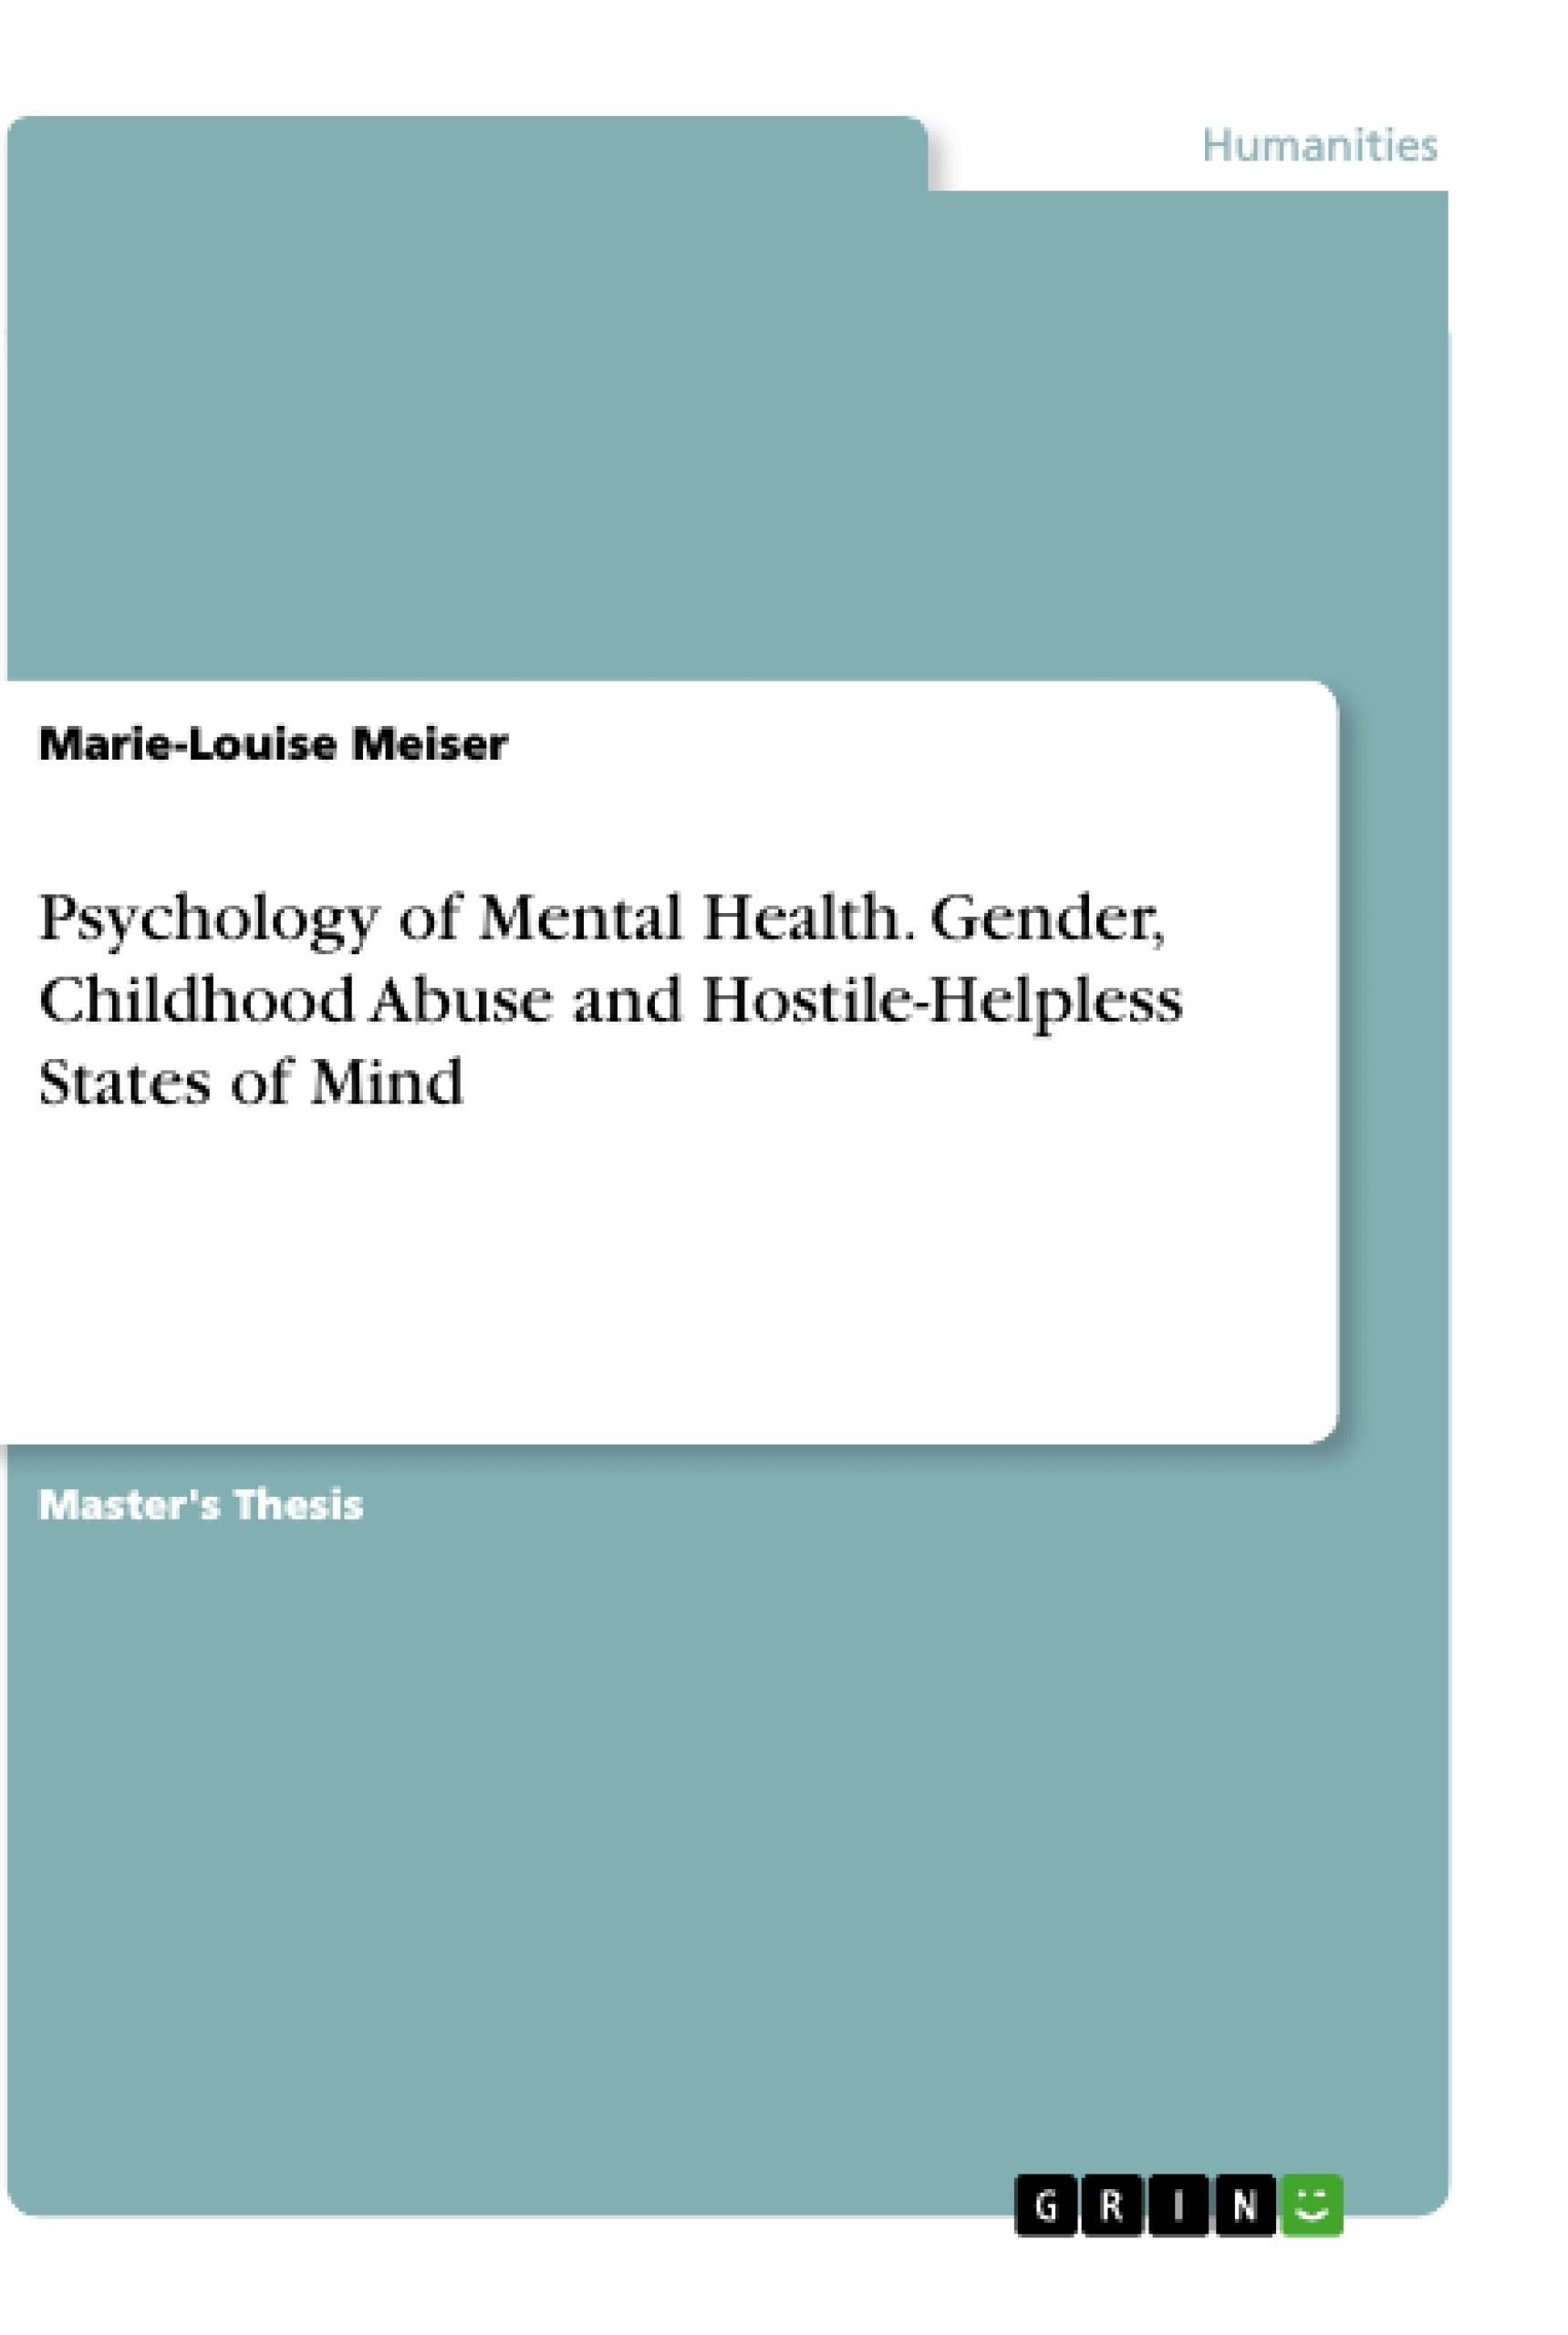 Title: Psychology of Mental Health. Gender, Childhood Abuse and Hostile-Helpless States of Mind